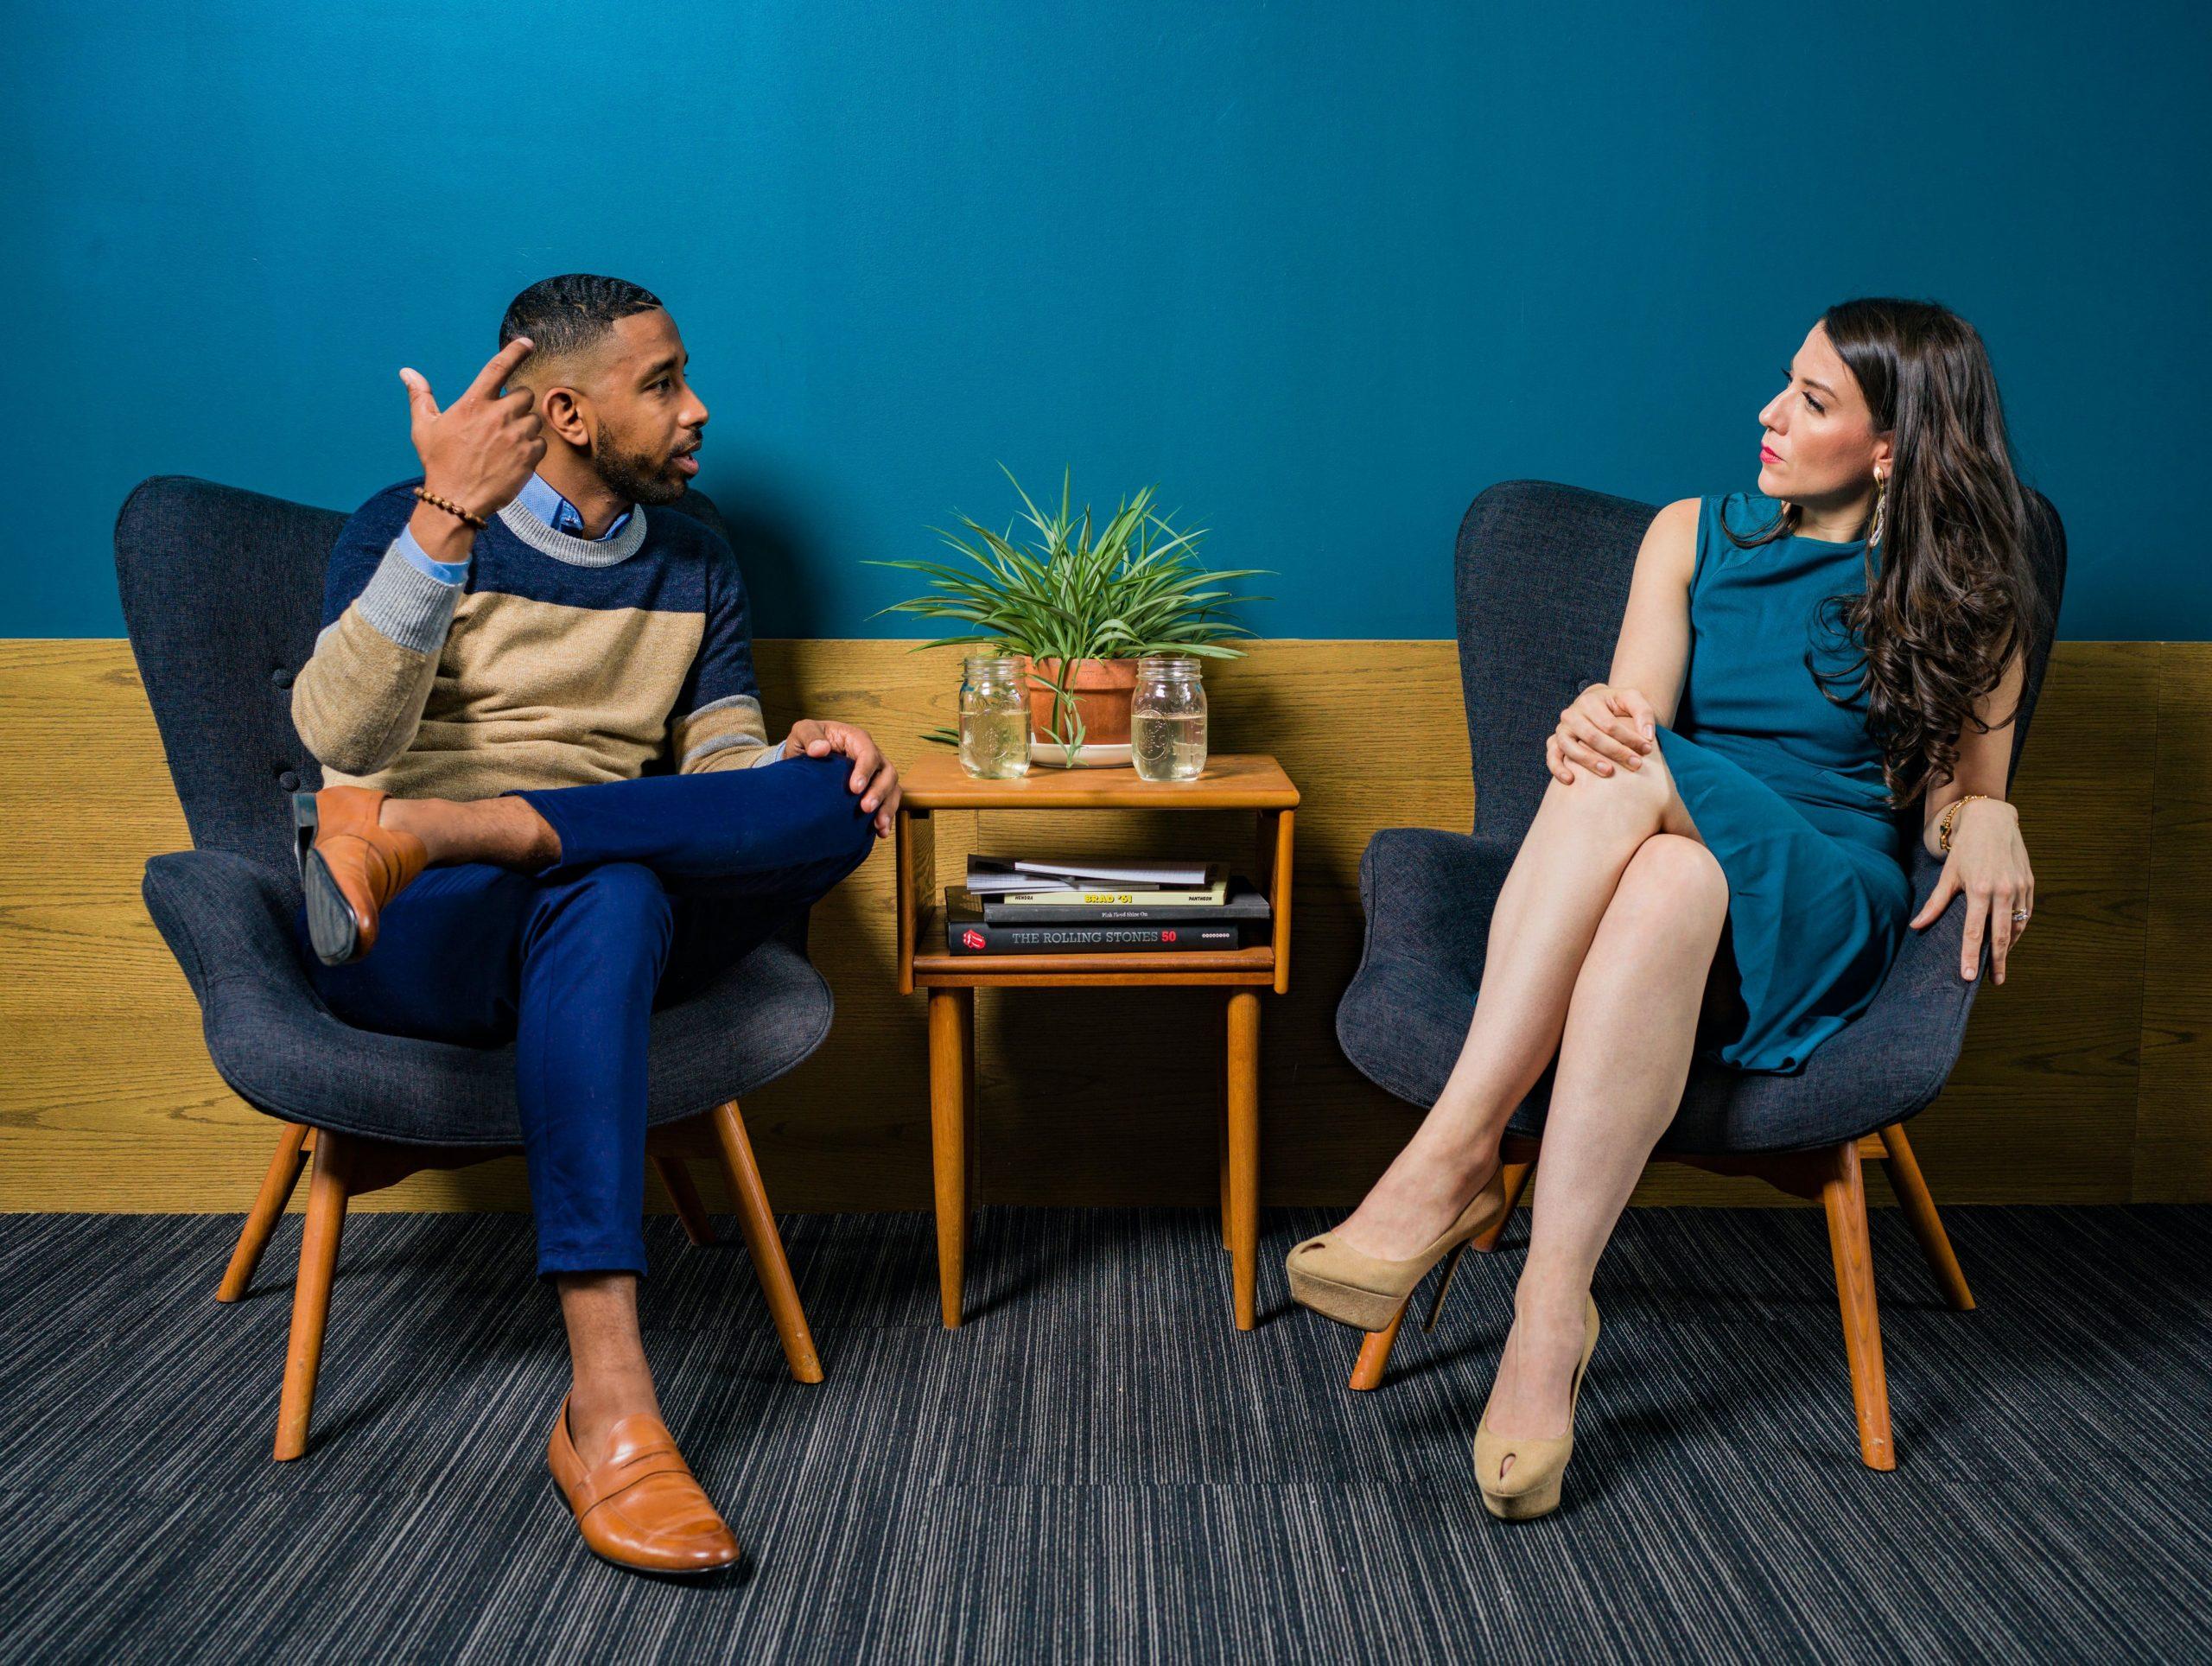 婚活会話で大事なことは「深掘り」する事|東京婚活ブログ